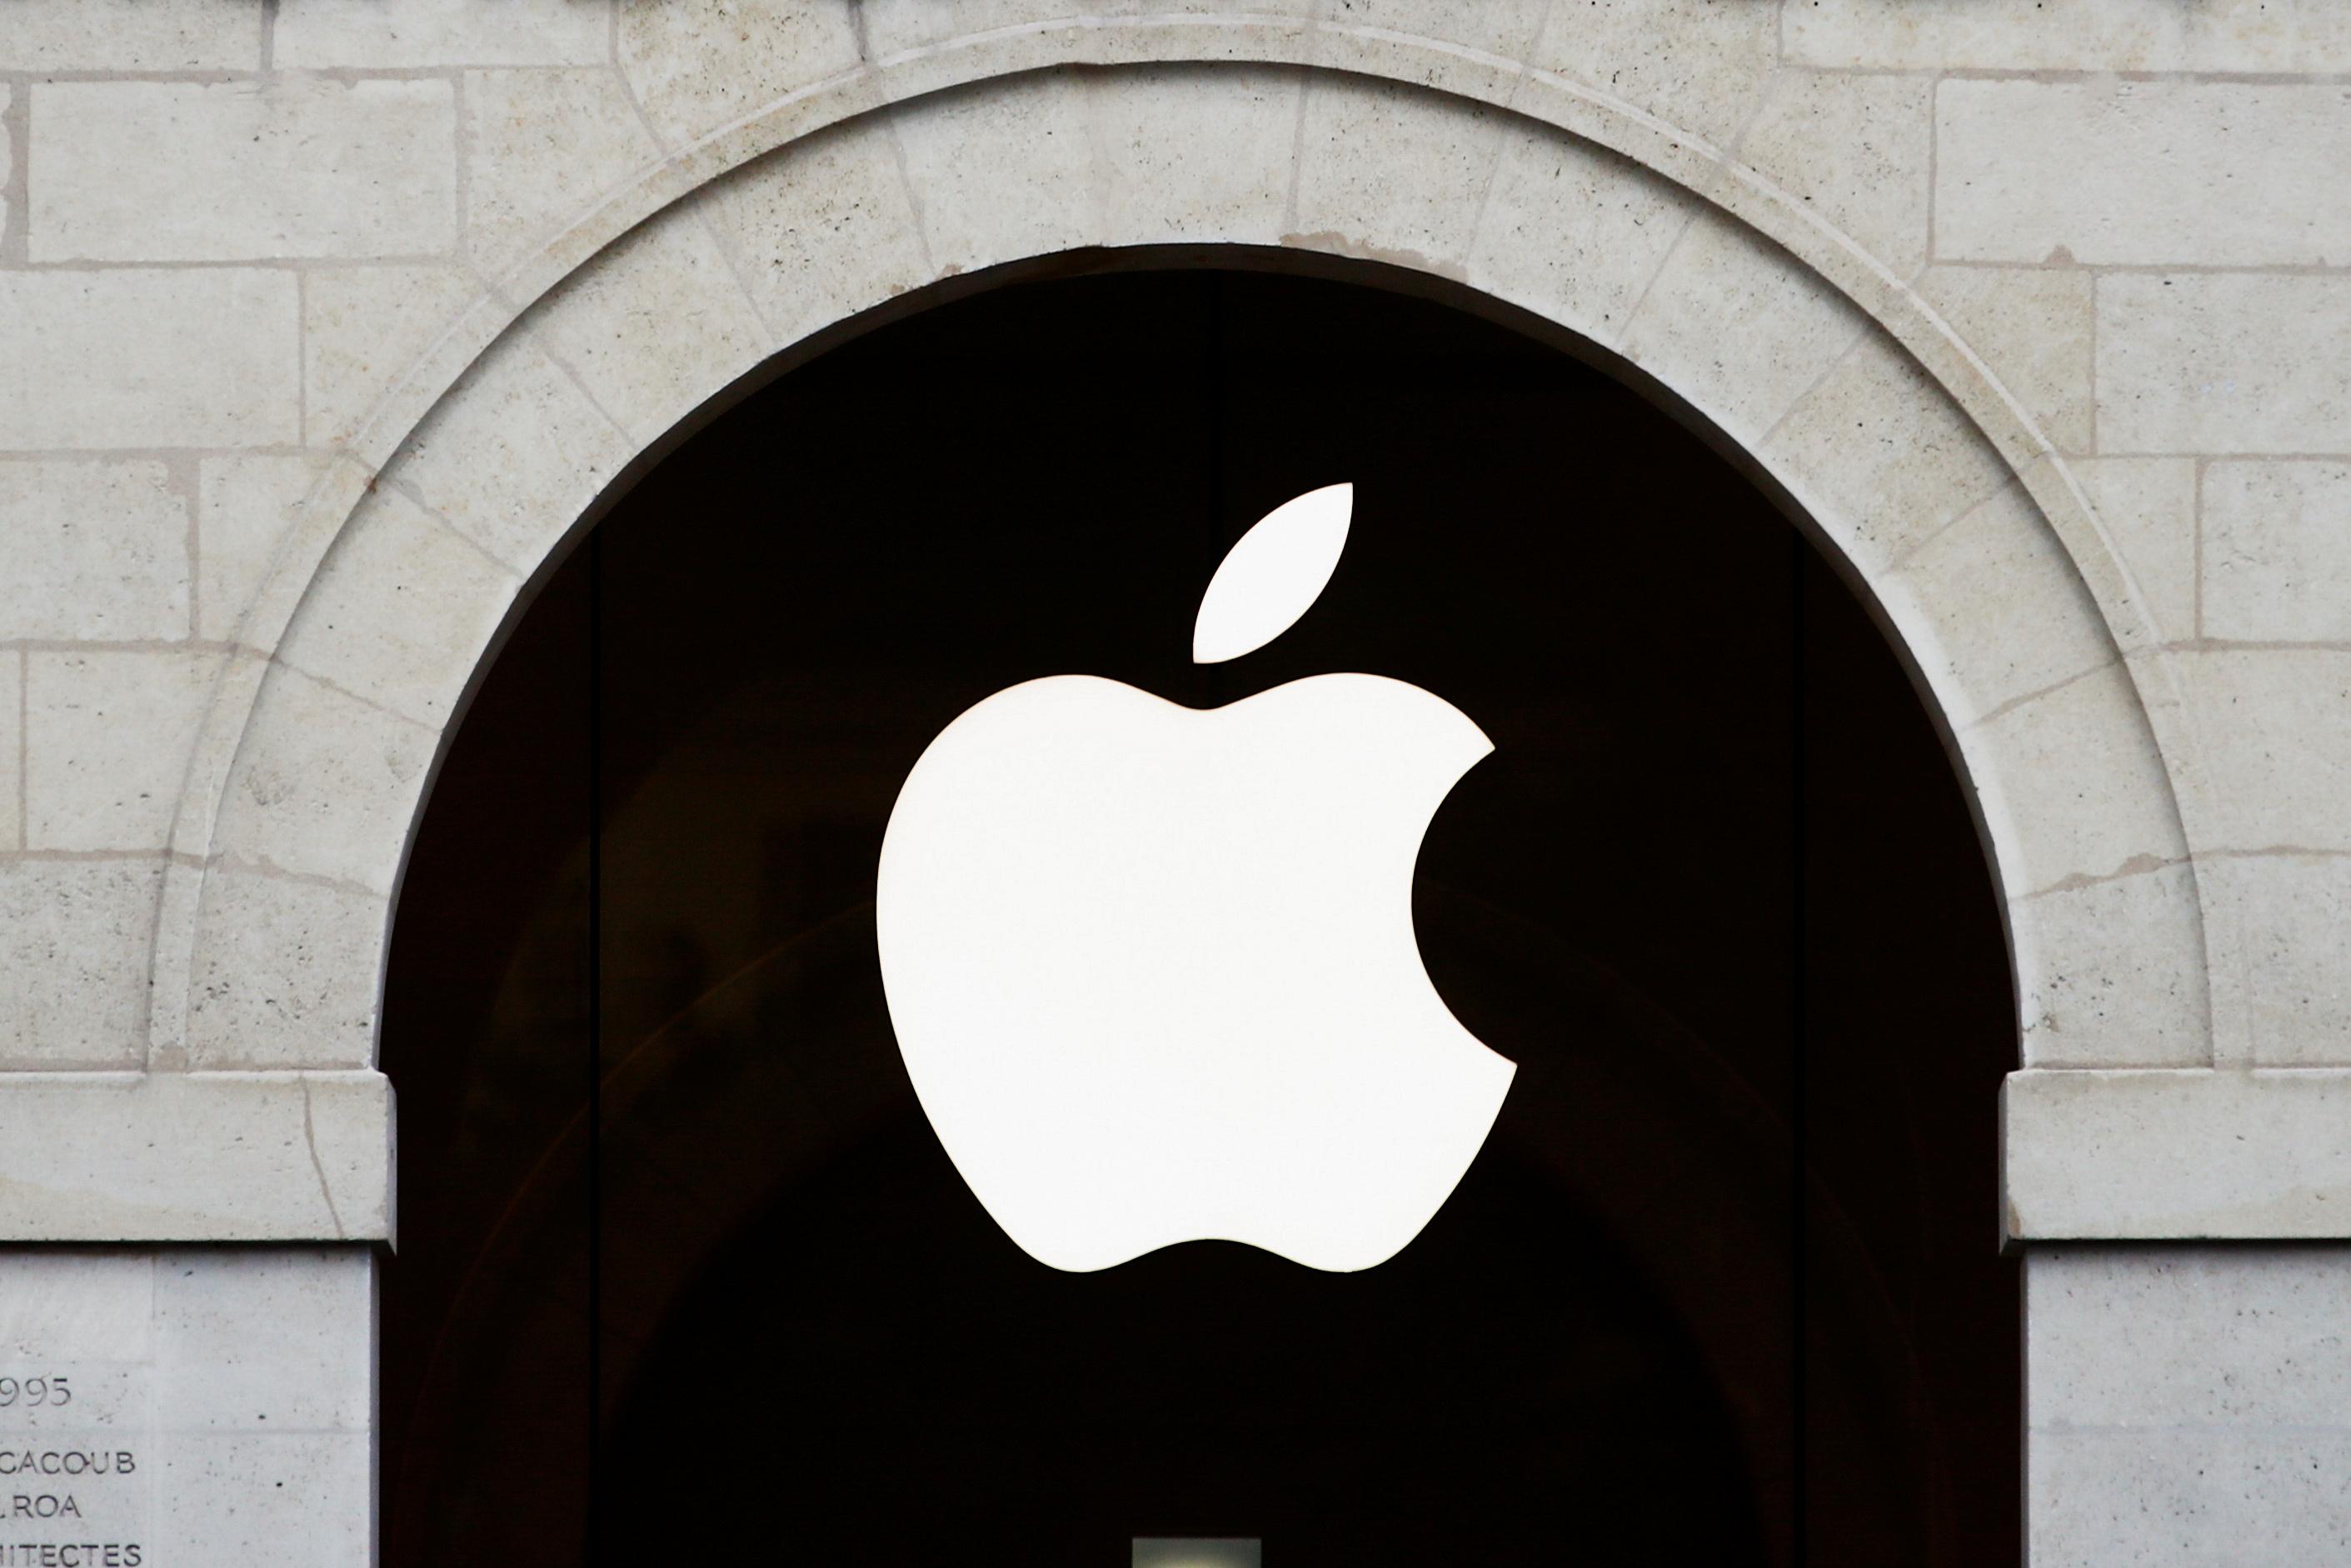 Apple anunciou plano de neutralizar emissão de carbono até 2030